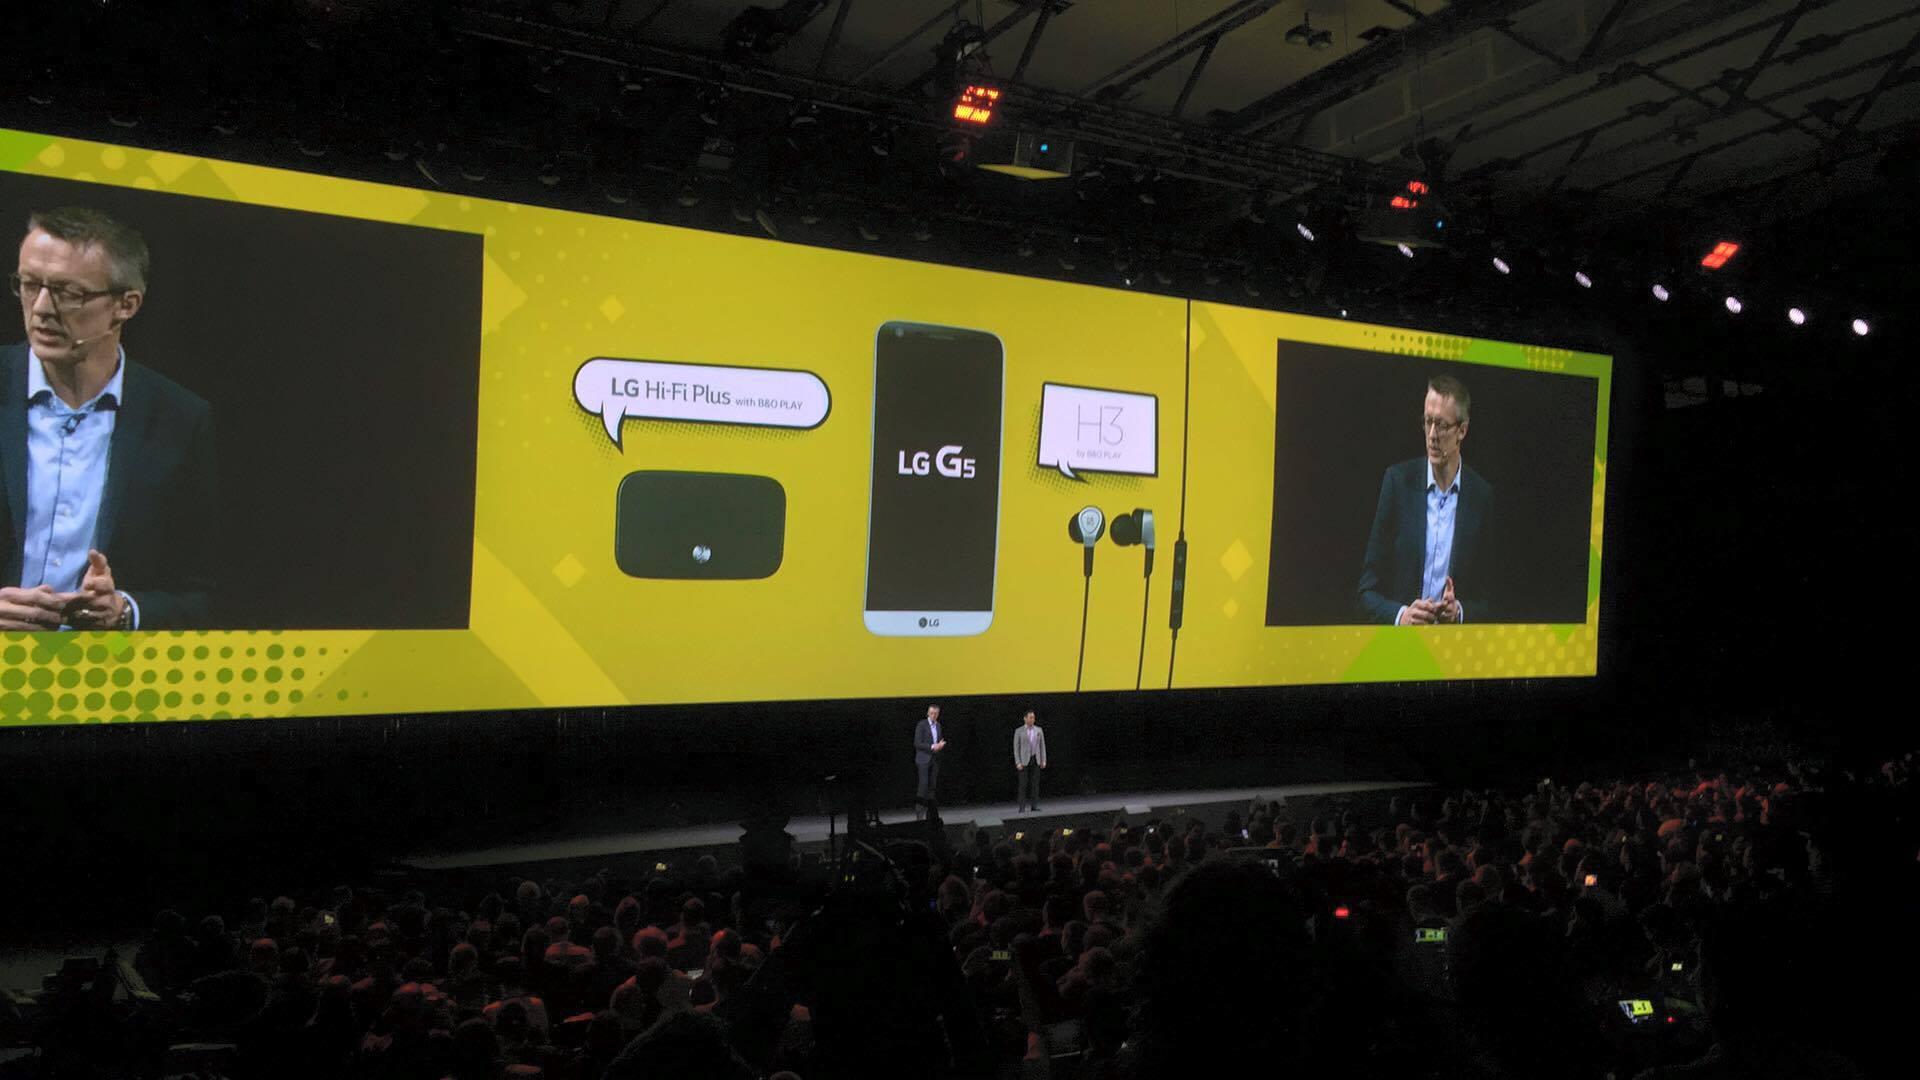 LG-G5-akilli-telefon-canli-yayin-technopat (12)